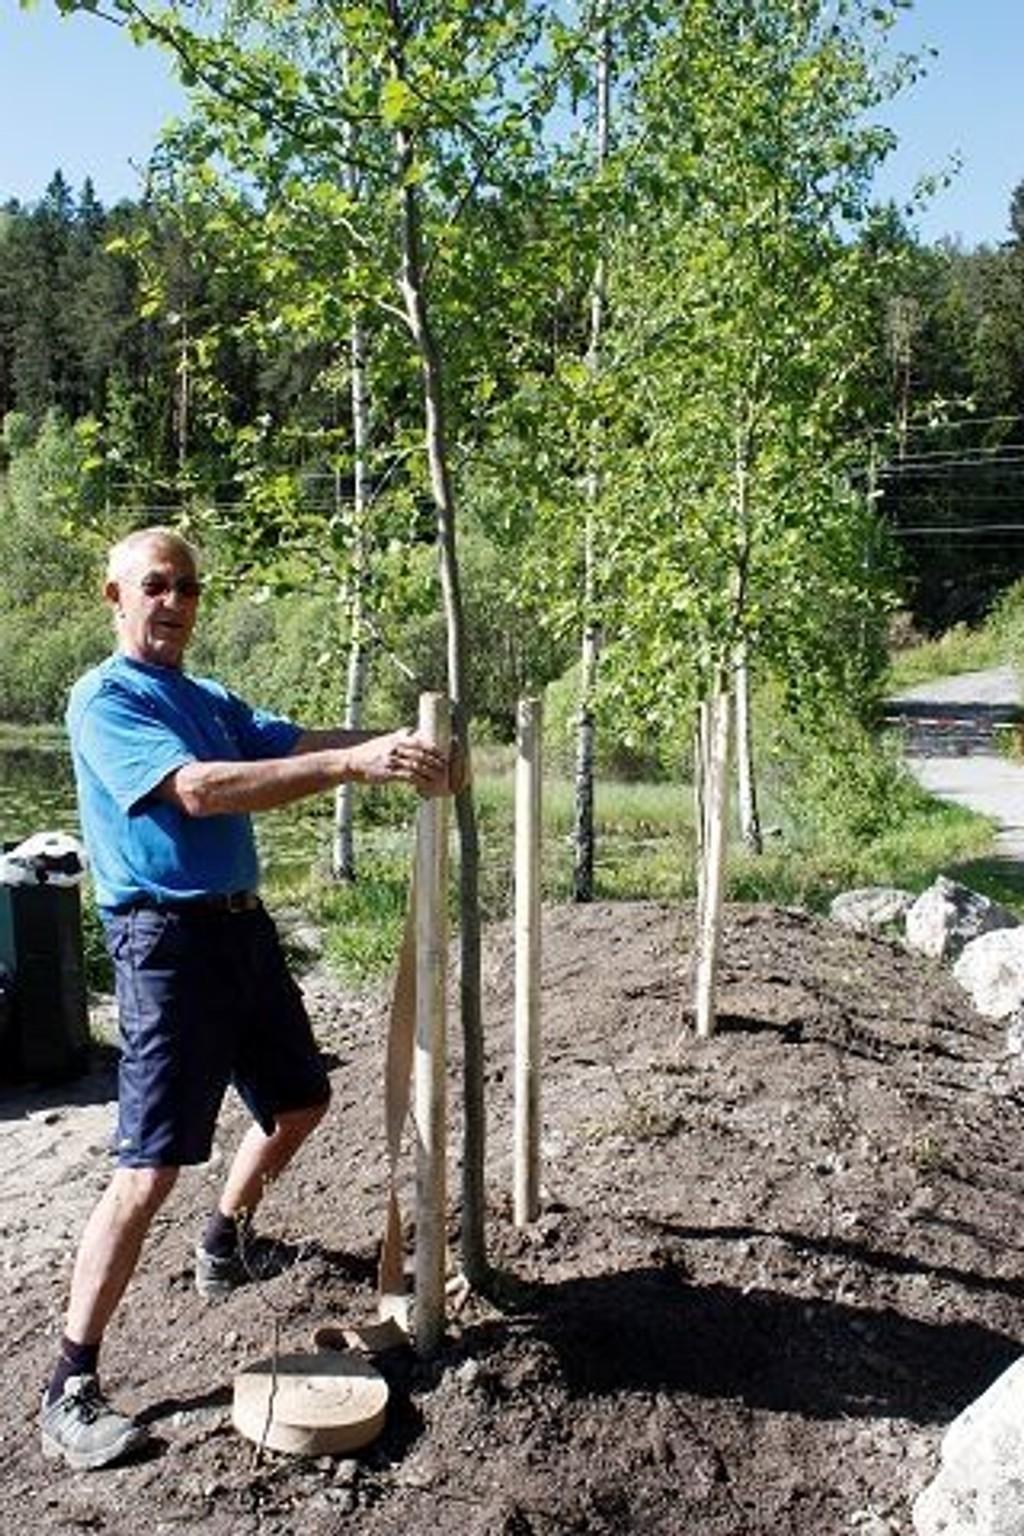 Det er både plantet trær og satt ut blomster ved Stensrudtjern. Gartner Frank Børud håper trærne får stå i fred. Alle foto: Arne Vidar Jenssen.